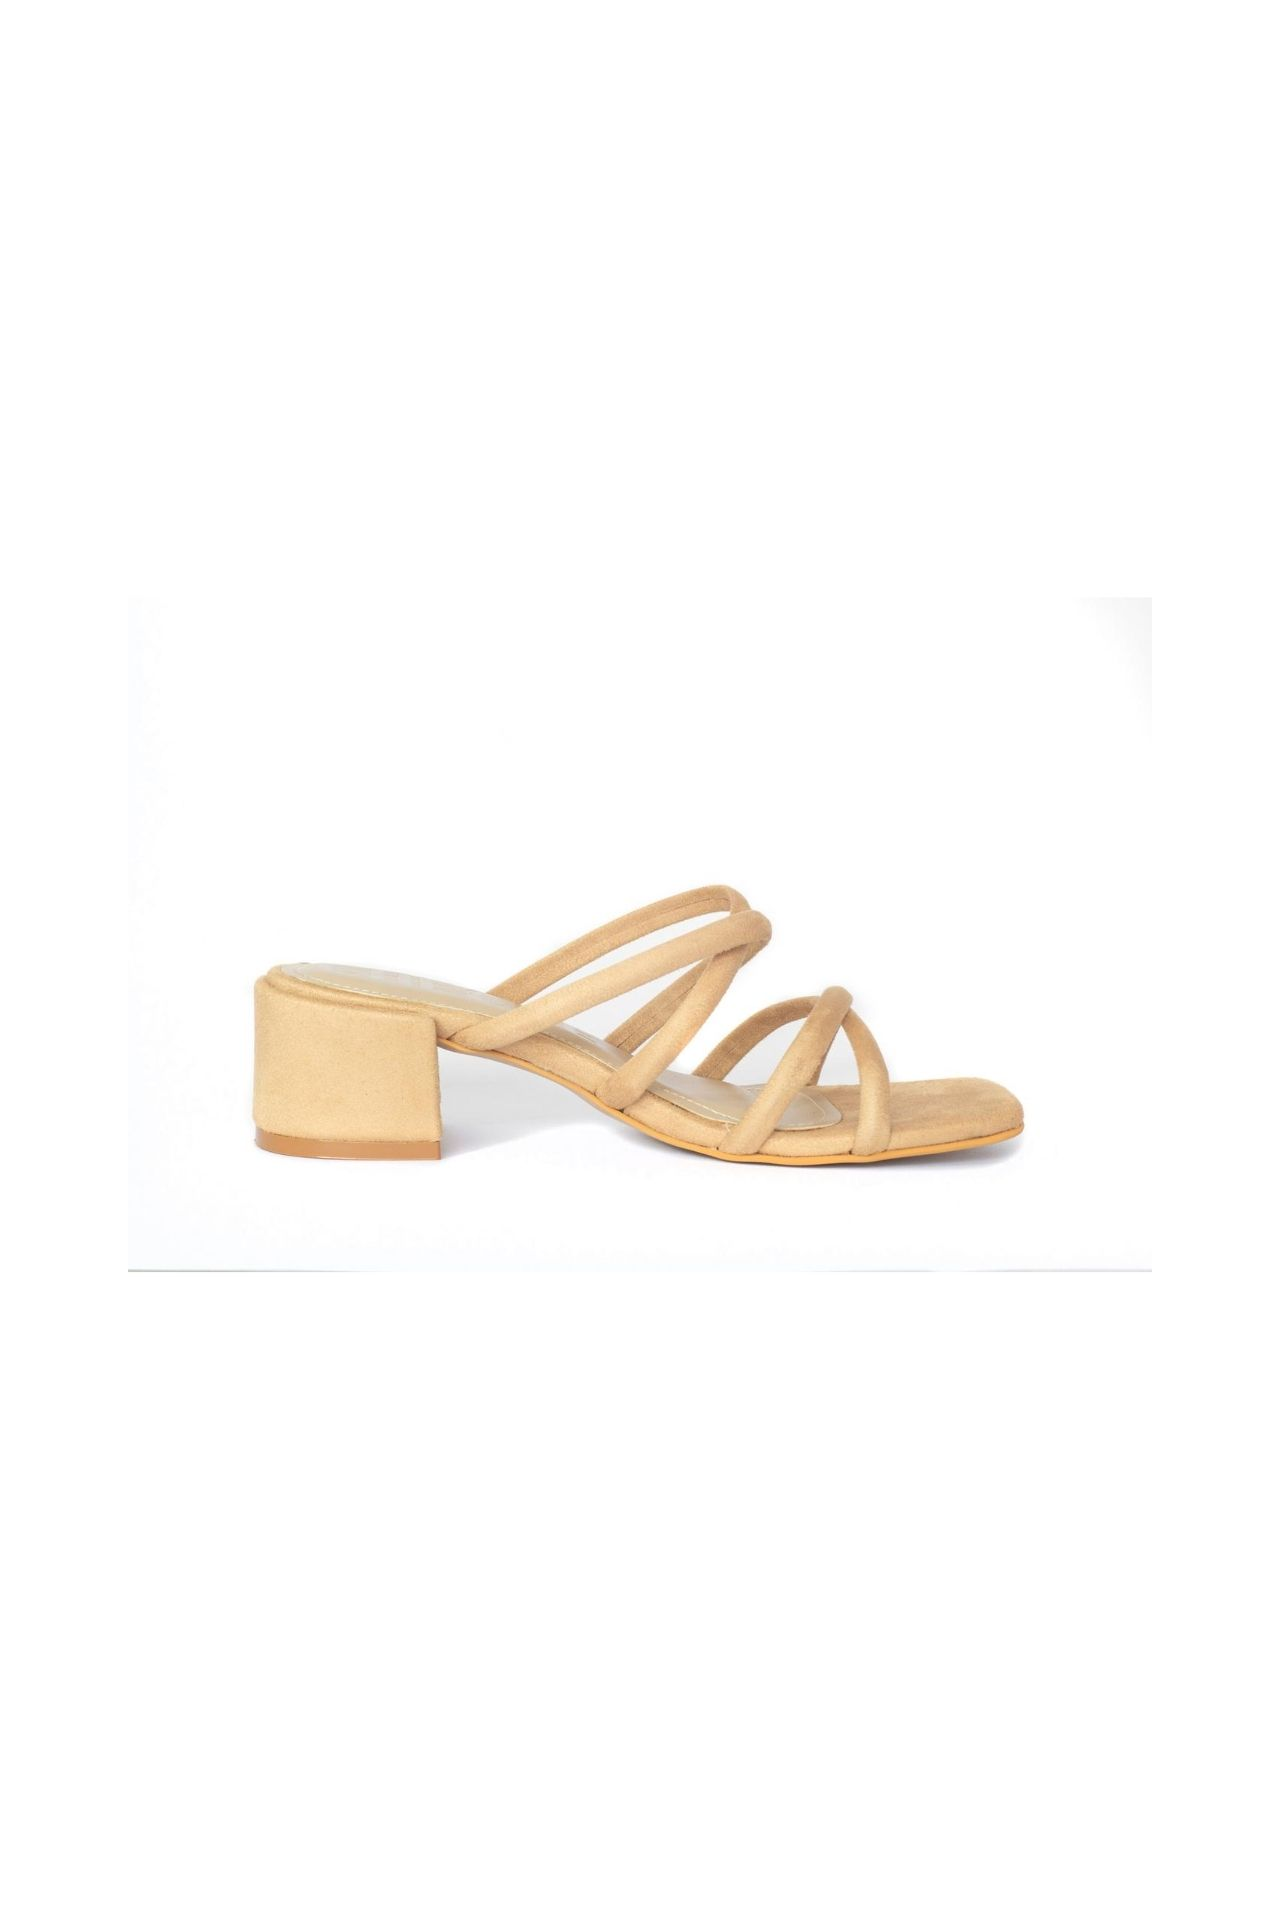 Nuestras naked sandals son una pieza extremadamente versátil, las puedes combinar con absolutamente todo. Capellada: Suede sintetico ( insumos libres de crueldad animal ) Taco: PU Alto: 5cm Plantilla con doble acolchado.